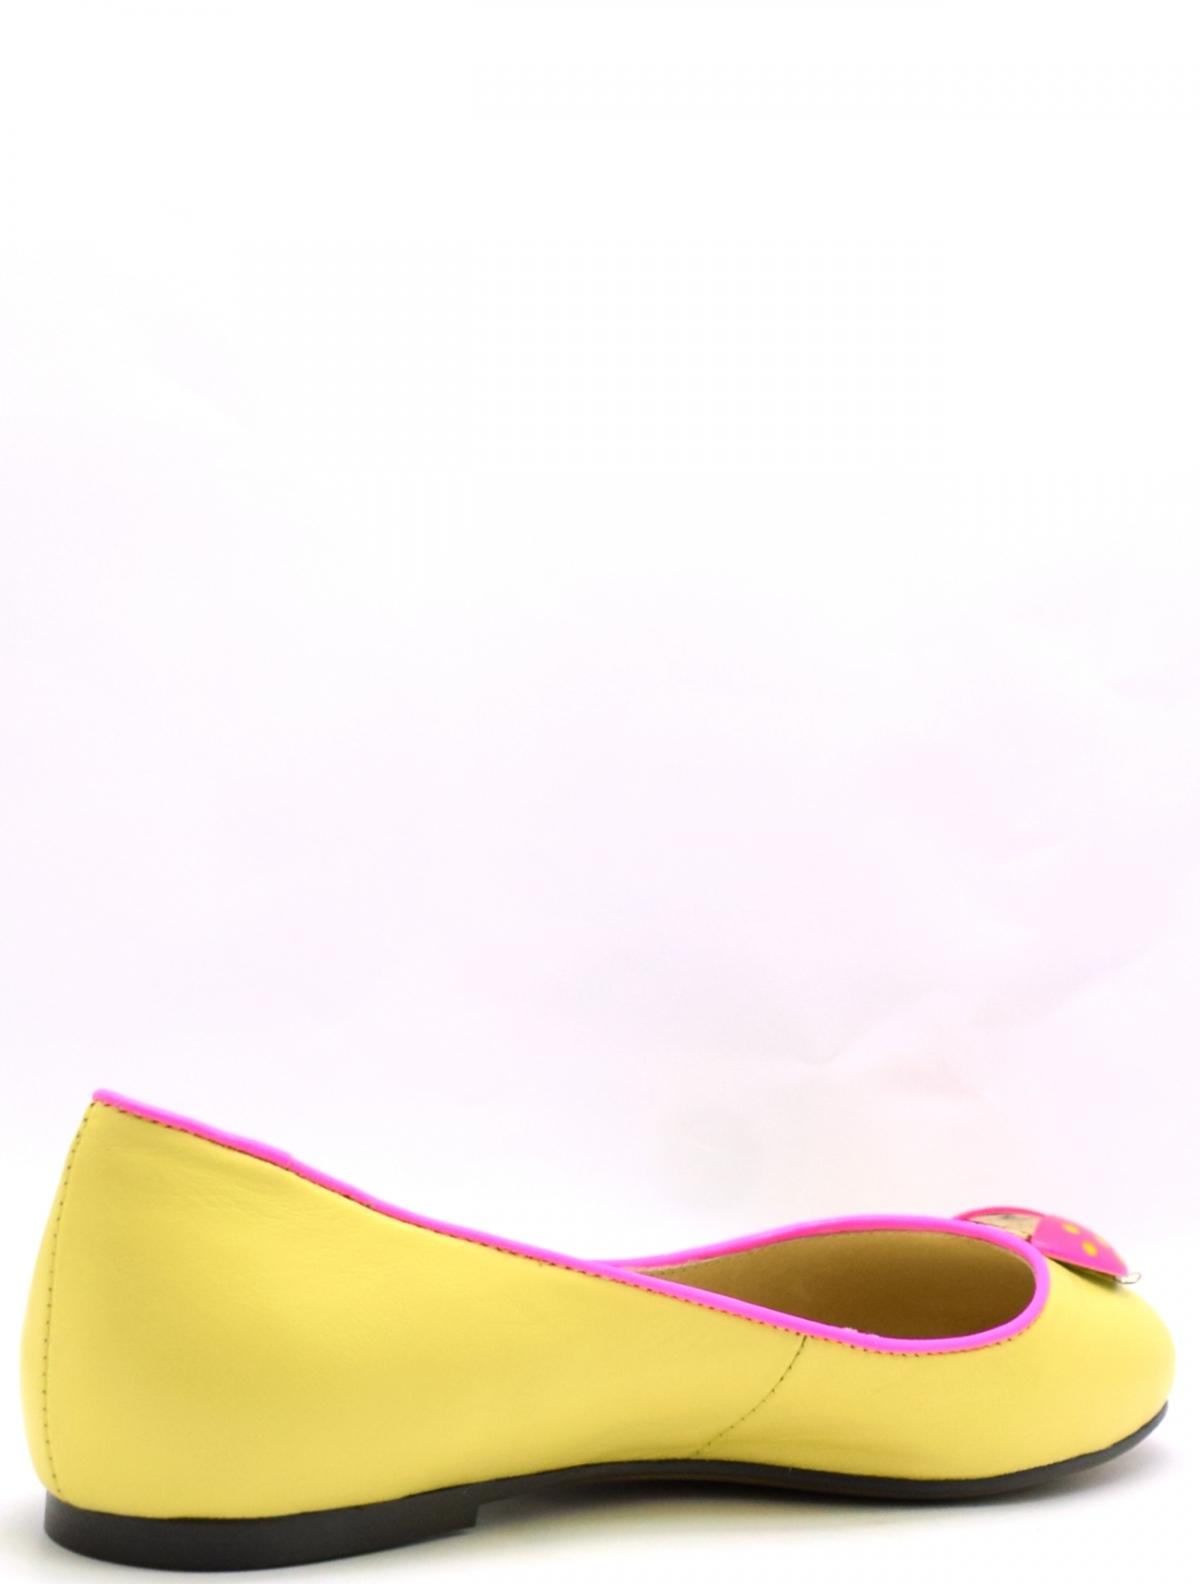 W23_8132-3-6 бал женские балетки